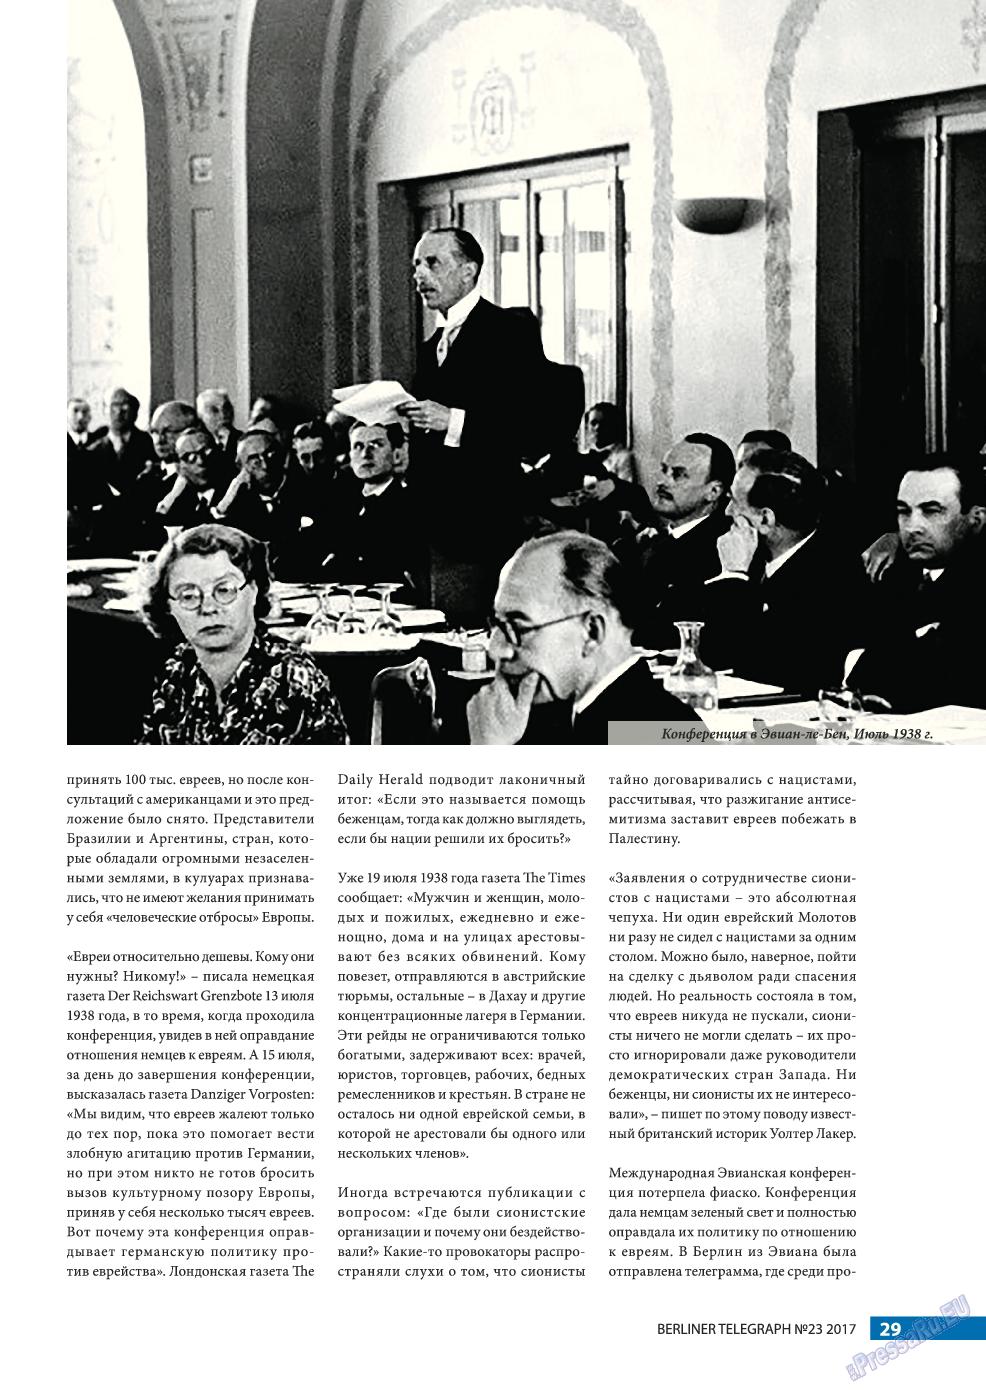 Берлинский телеграф (журнал). 2017 год, номер 23, стр. 29